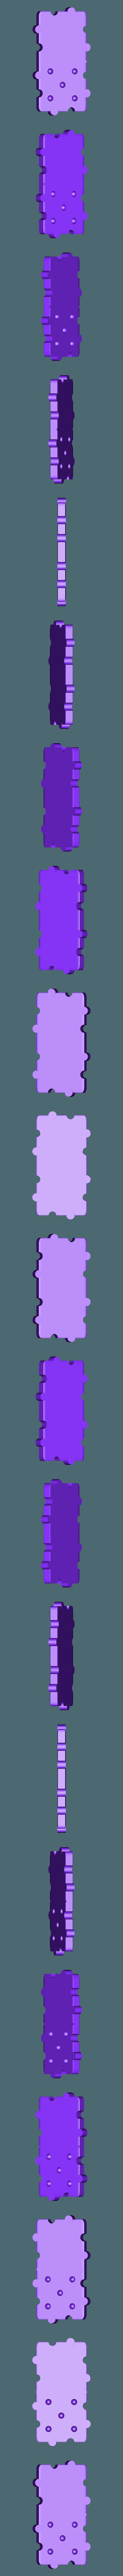 Ligne 5.stl Download STL file Domino 3D • 3D print design, graphismeMIH